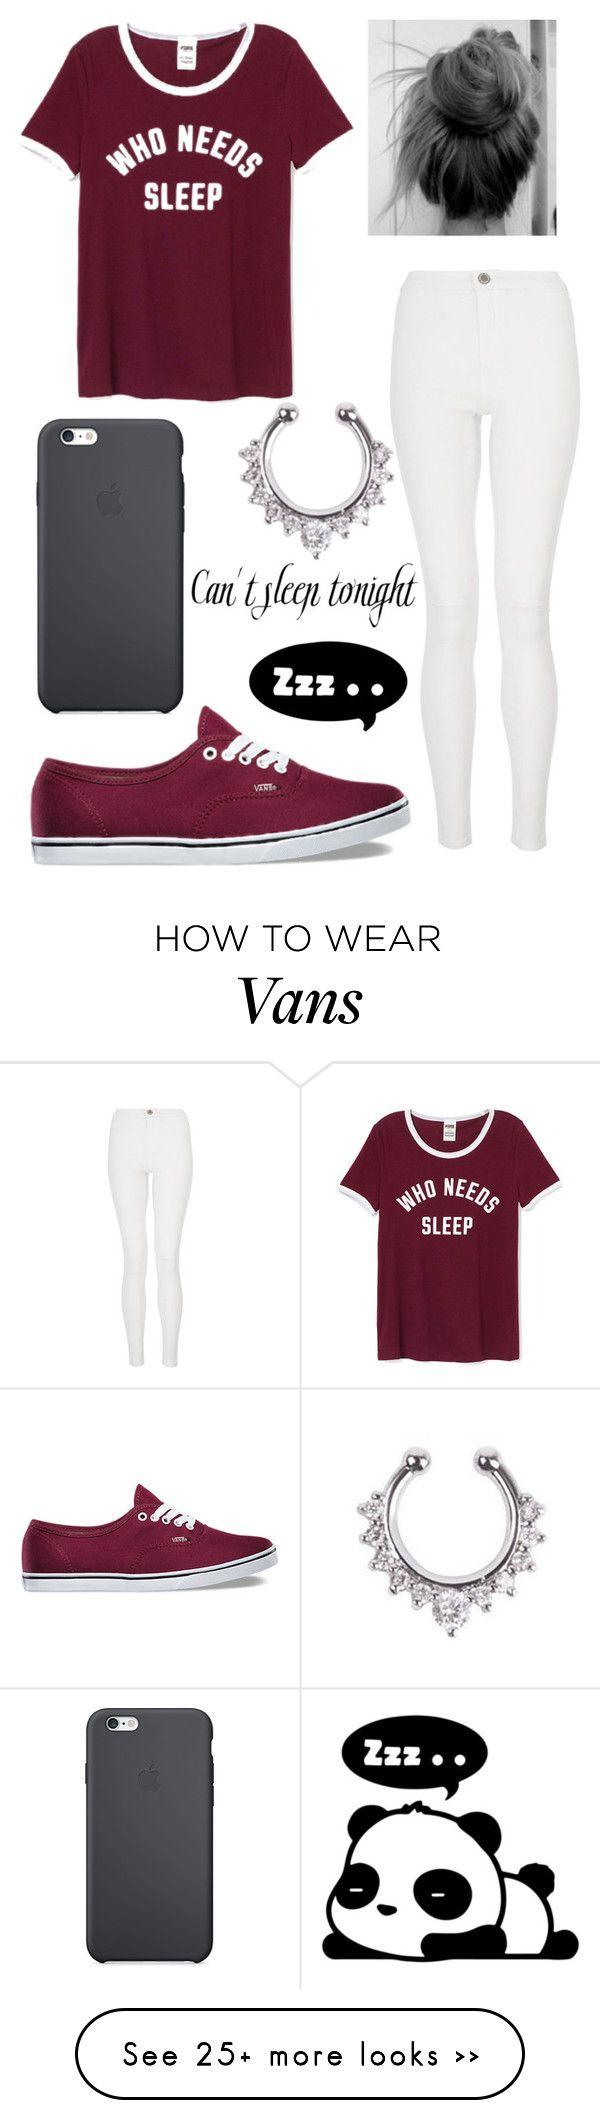 Jeans blanco,polo rojo vino con letra blanca ,zapatillas rojo vino marca vans